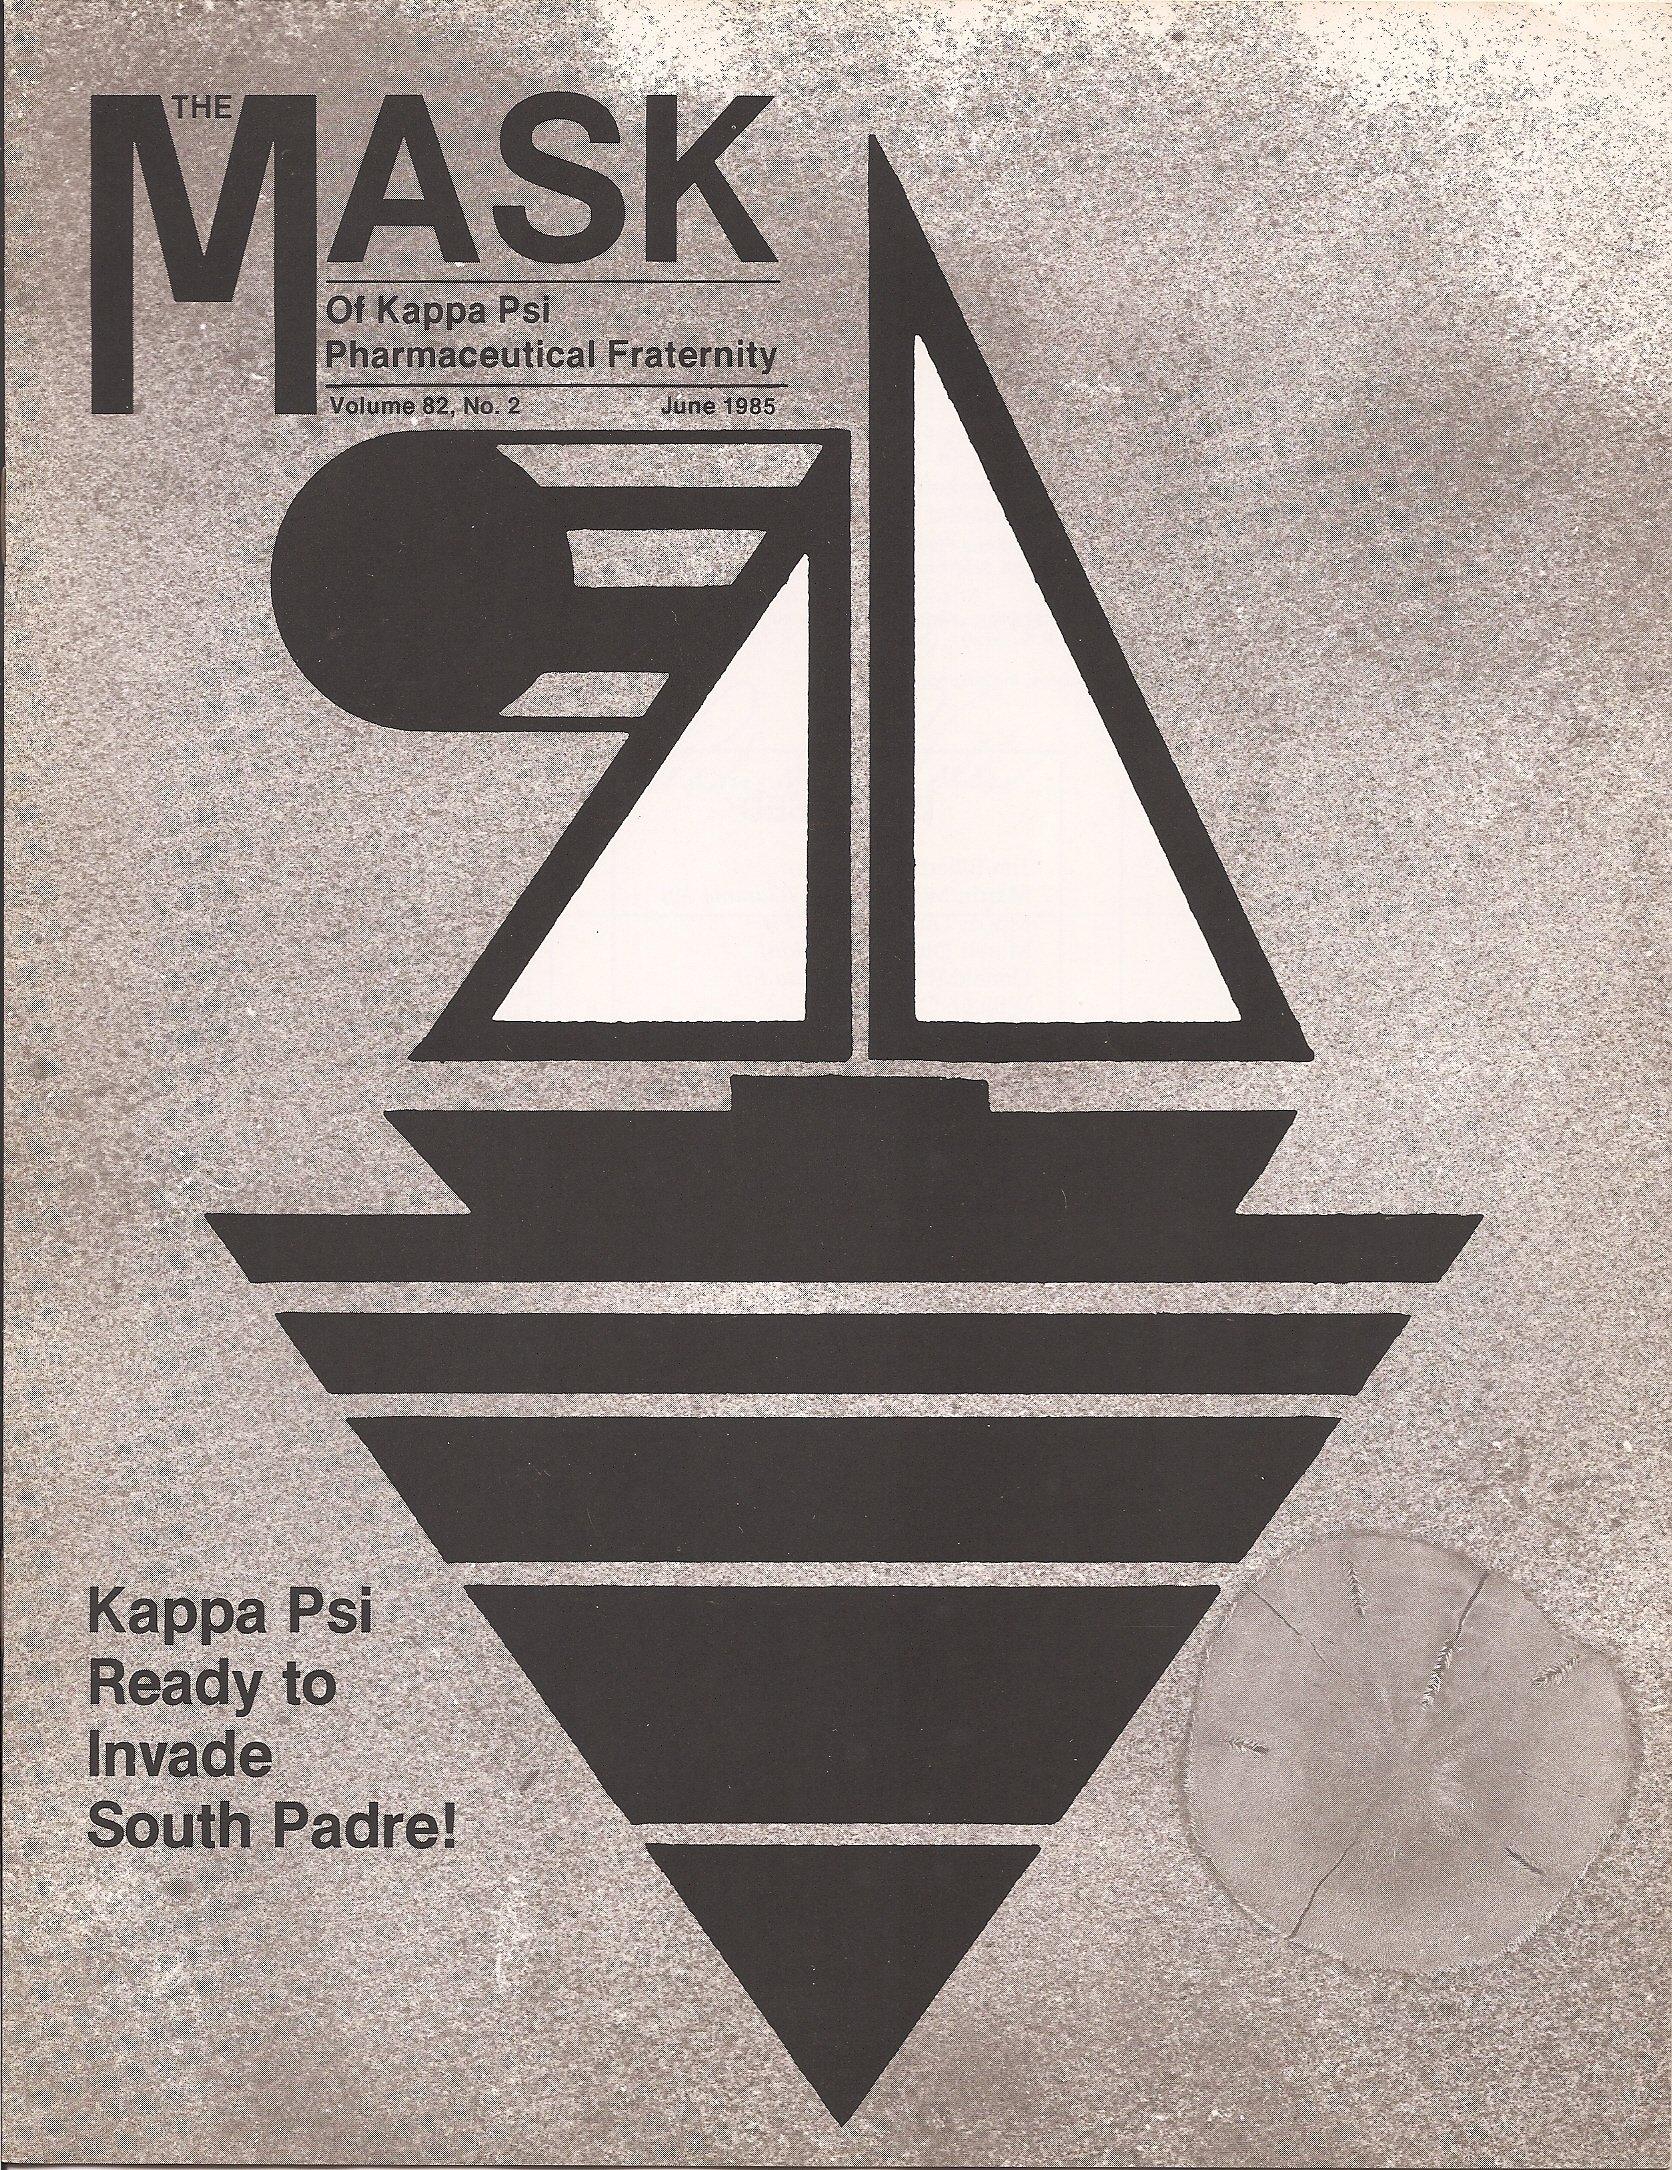 mask_cover_06_1985.jpg